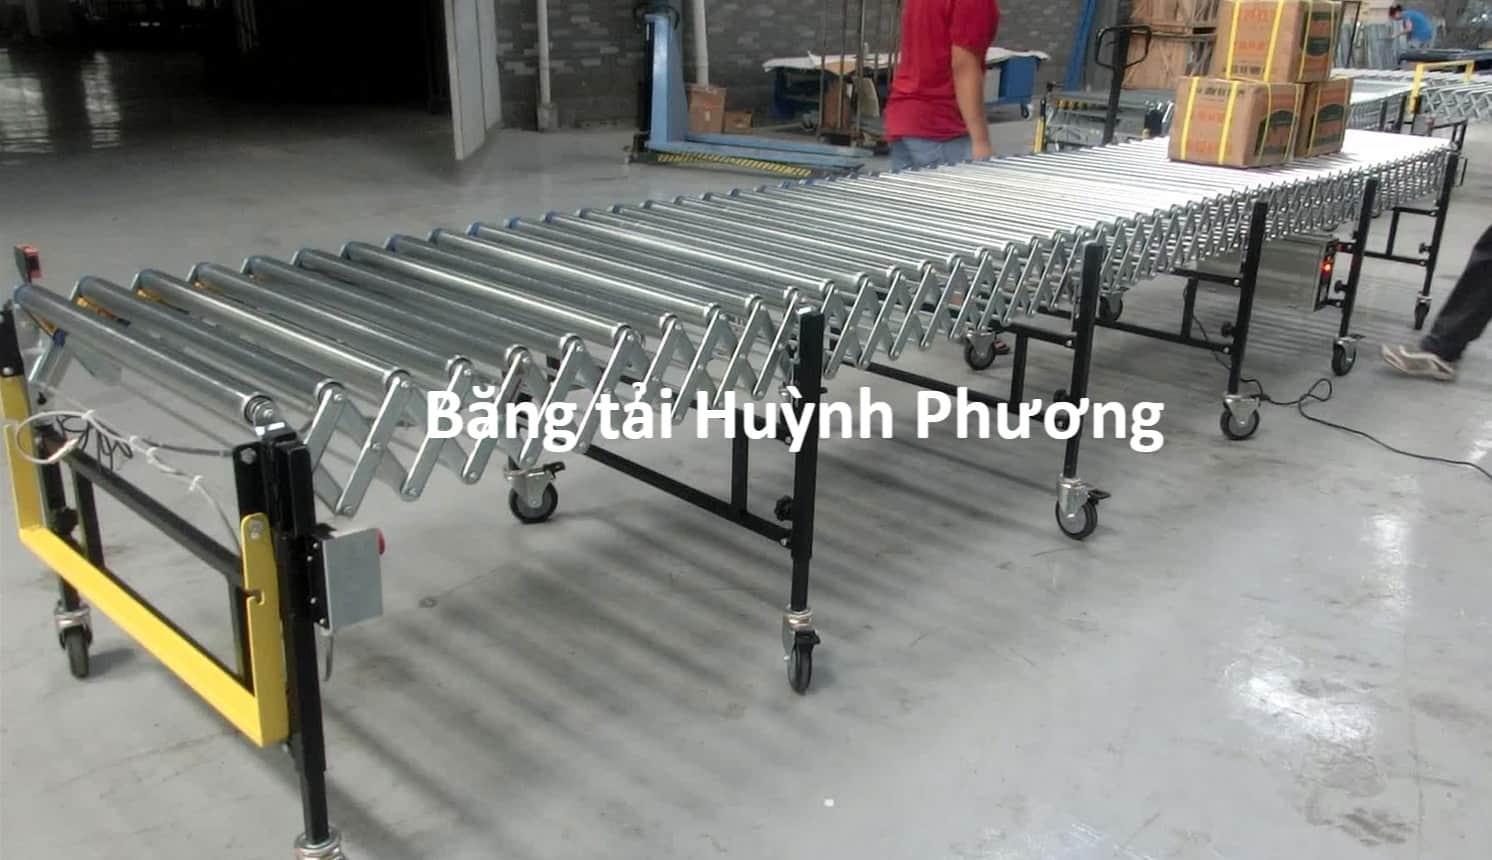 Bang tai linh hoat Huỳnh Phương